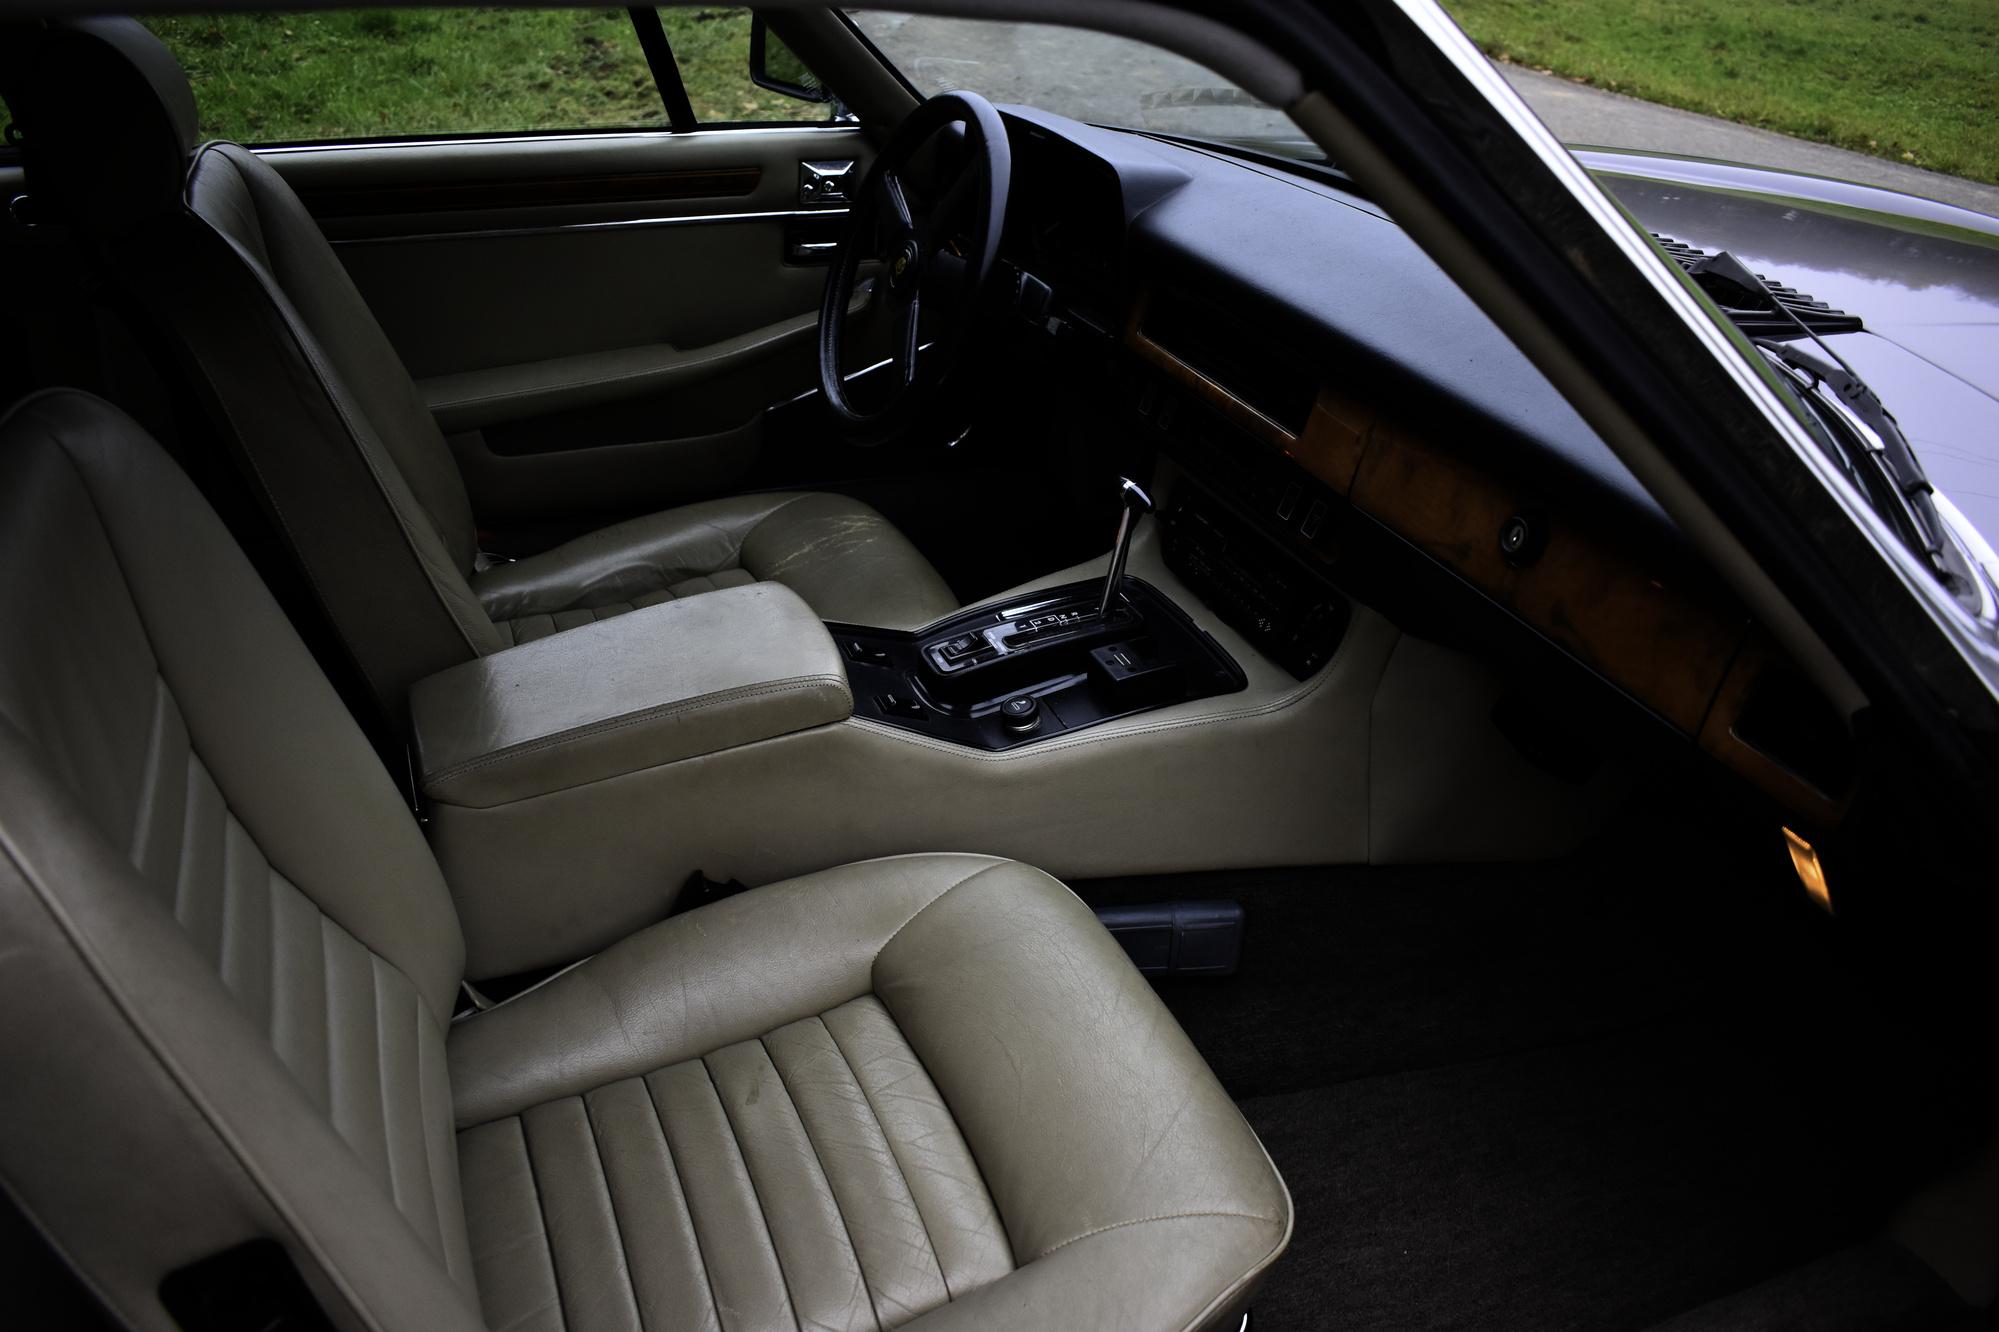 Grauer 1985 Jaguar XJS 5.3 V12 H.E. Coupe Oldtimer Veteranenfahrzeug mit Sicht ins Cockpit mit offener Beifahrertüre